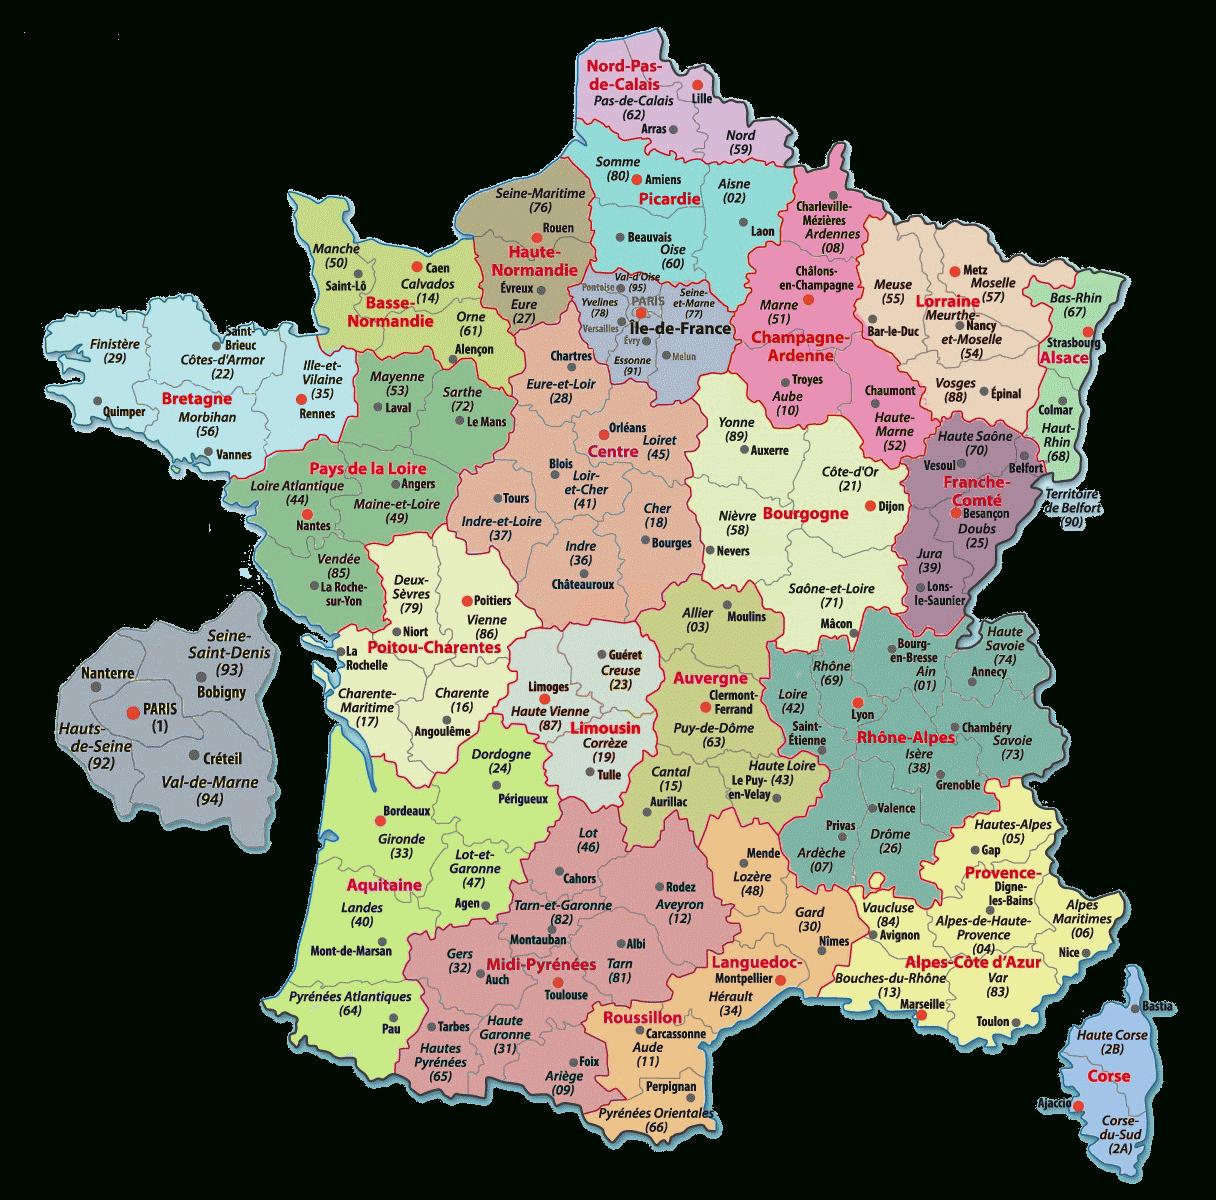 Carte De France Departements : Carte Des Départements De France pour Imprimer Une Carte De France